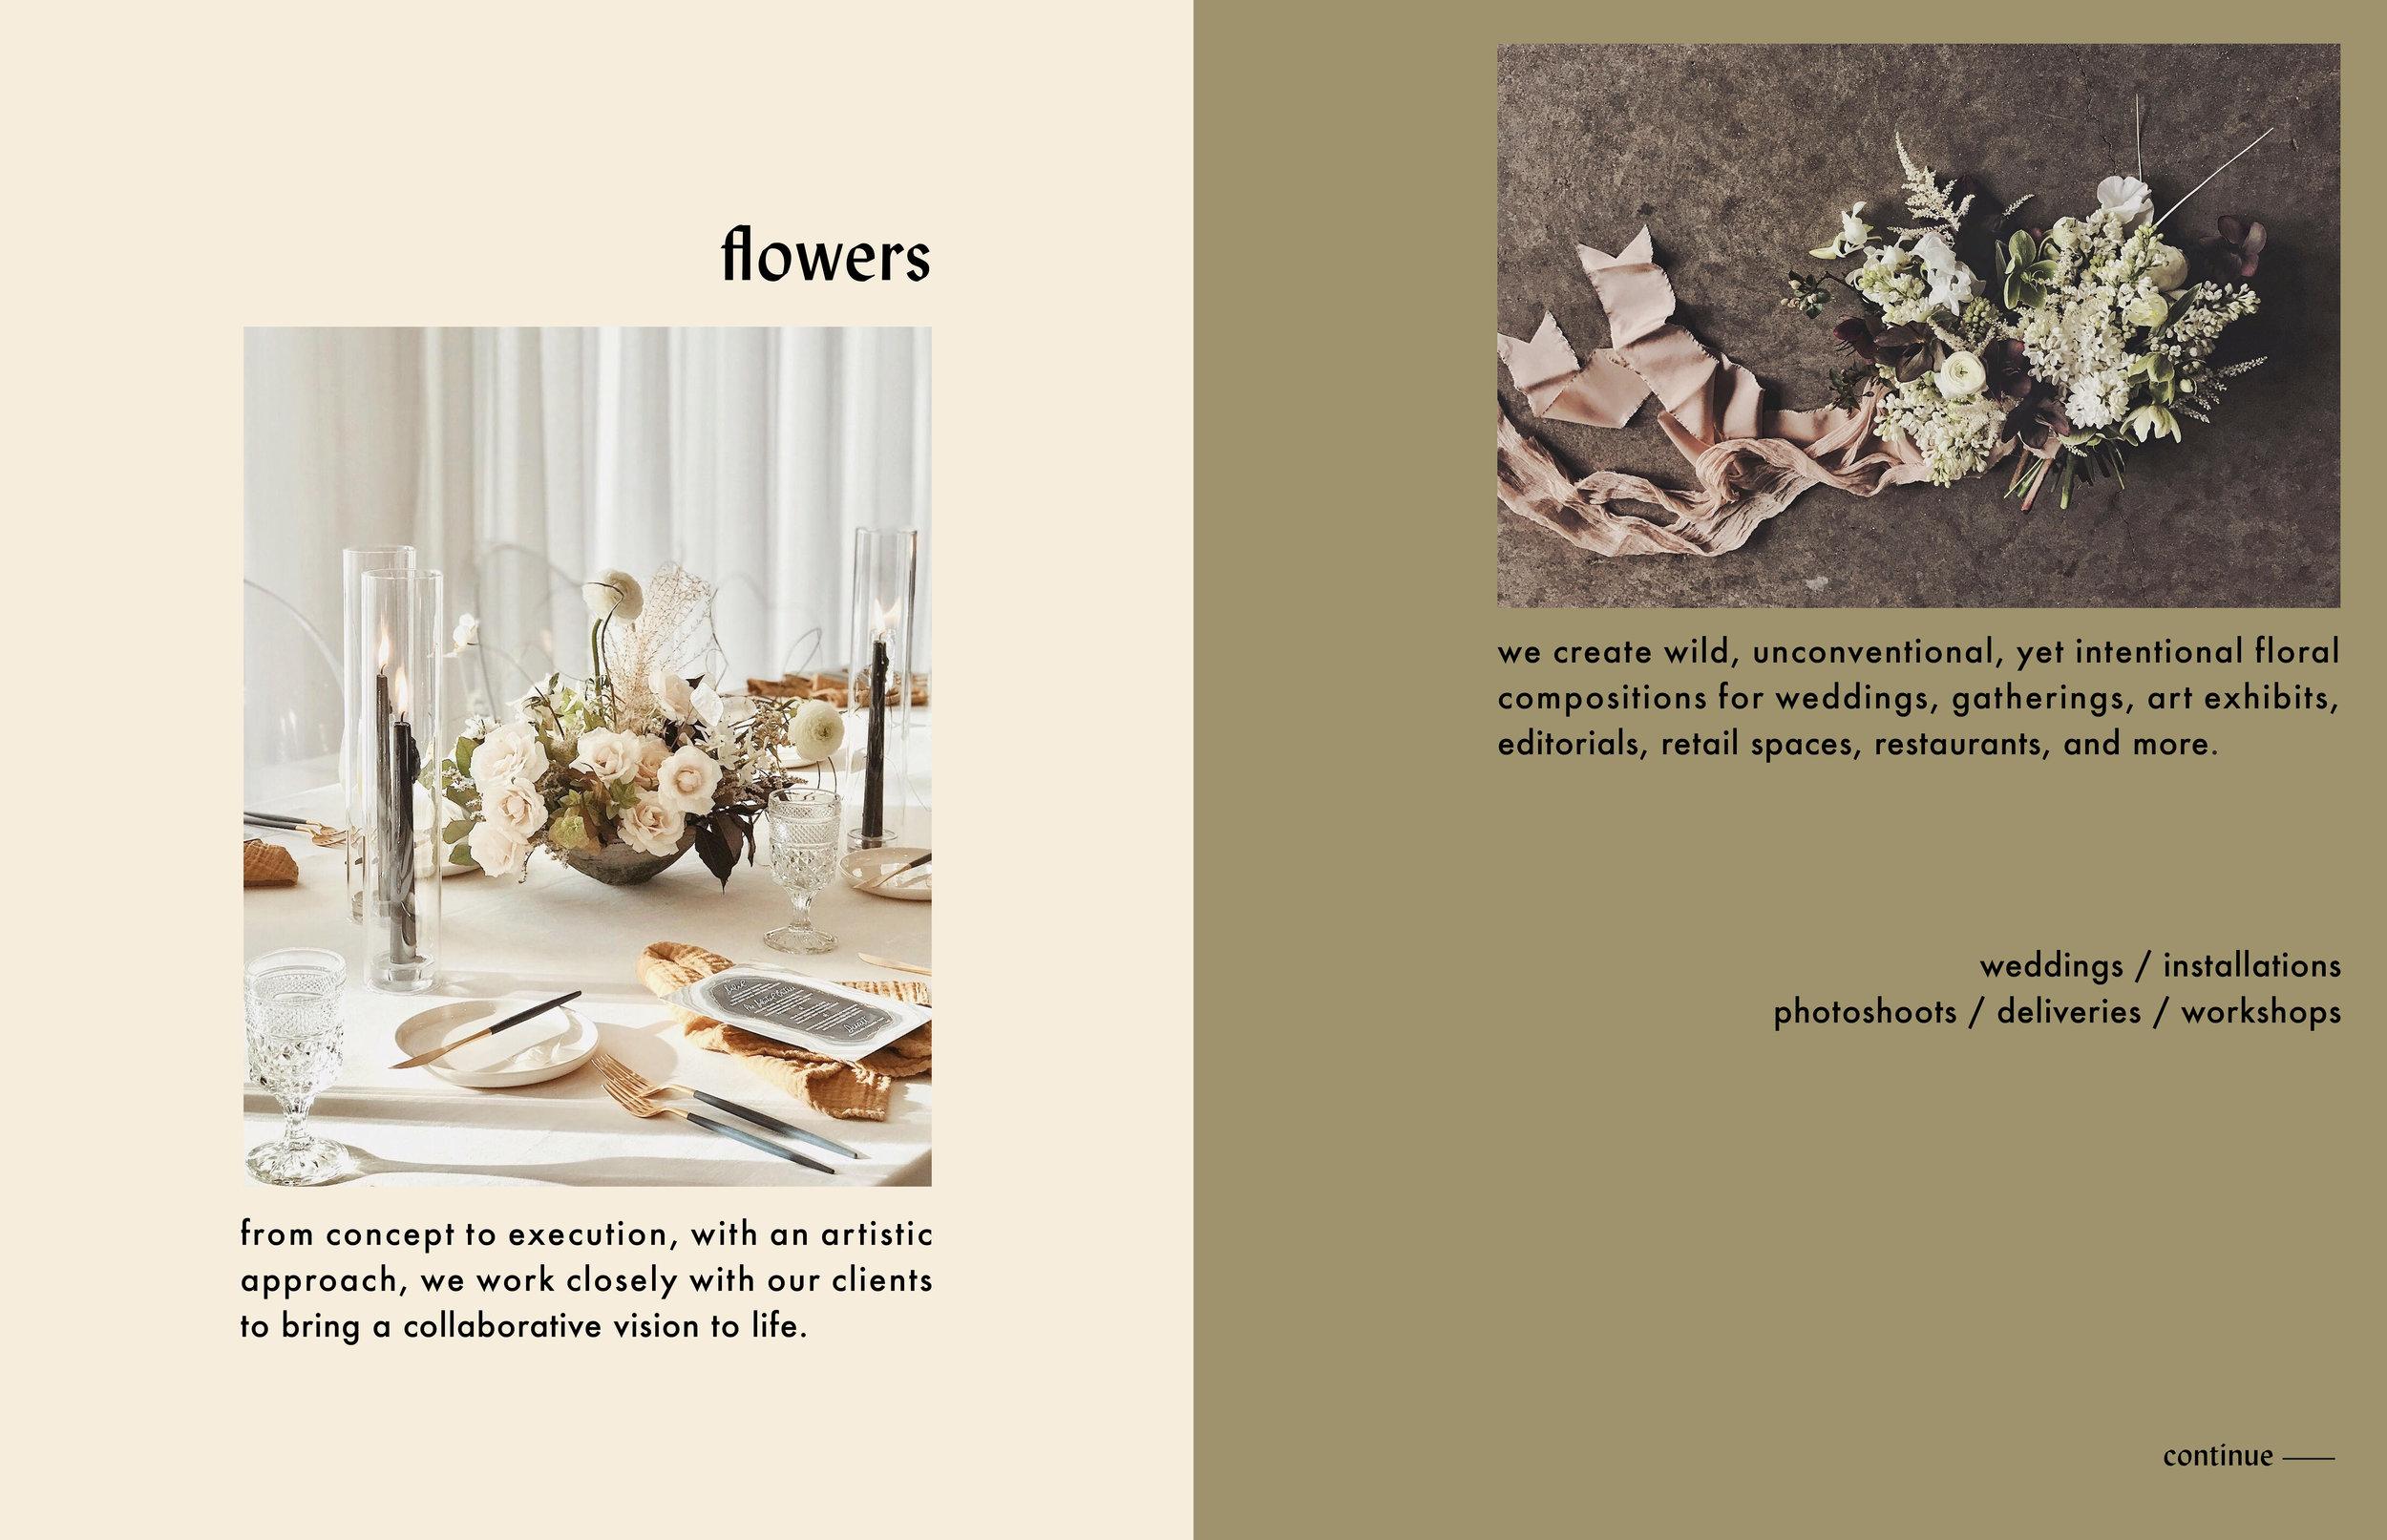 flowers_offerings_final_2018final3_lydia.jpg